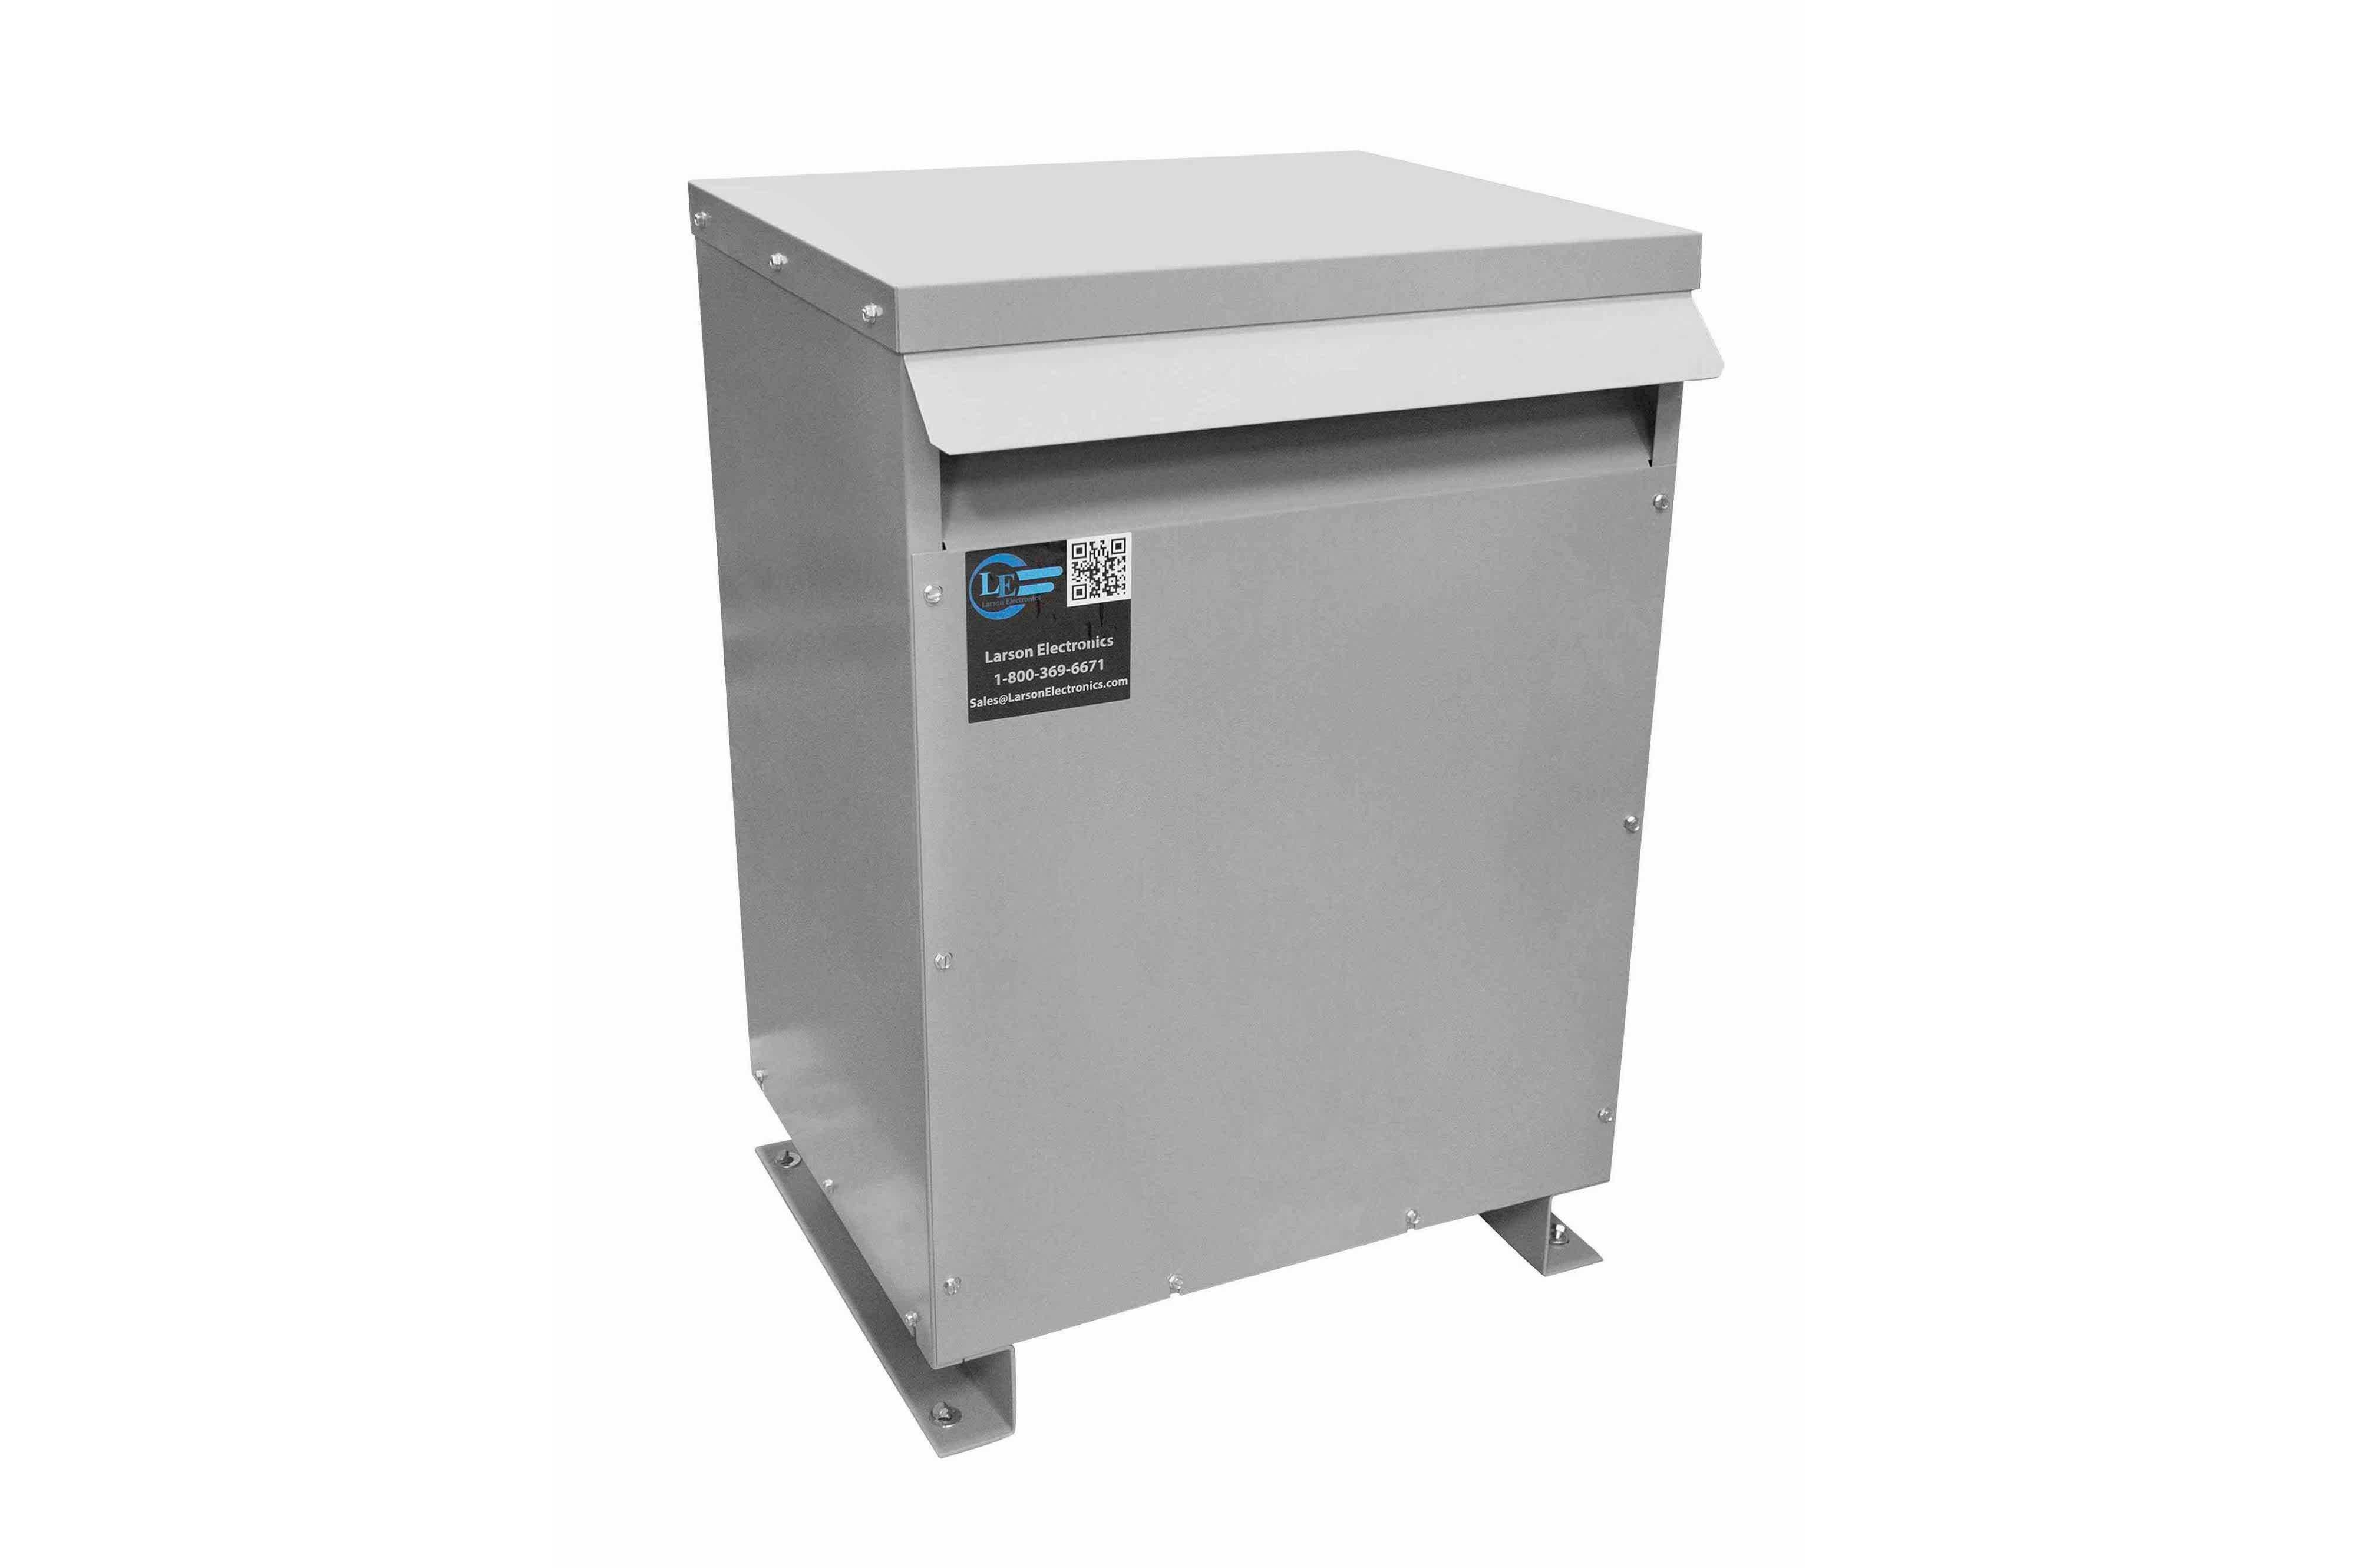 75 kVA 3PH Isolation Transformer, 575V Delta Primary, 240 Delta Secondary, N3R, Ventilated, 60 Hz